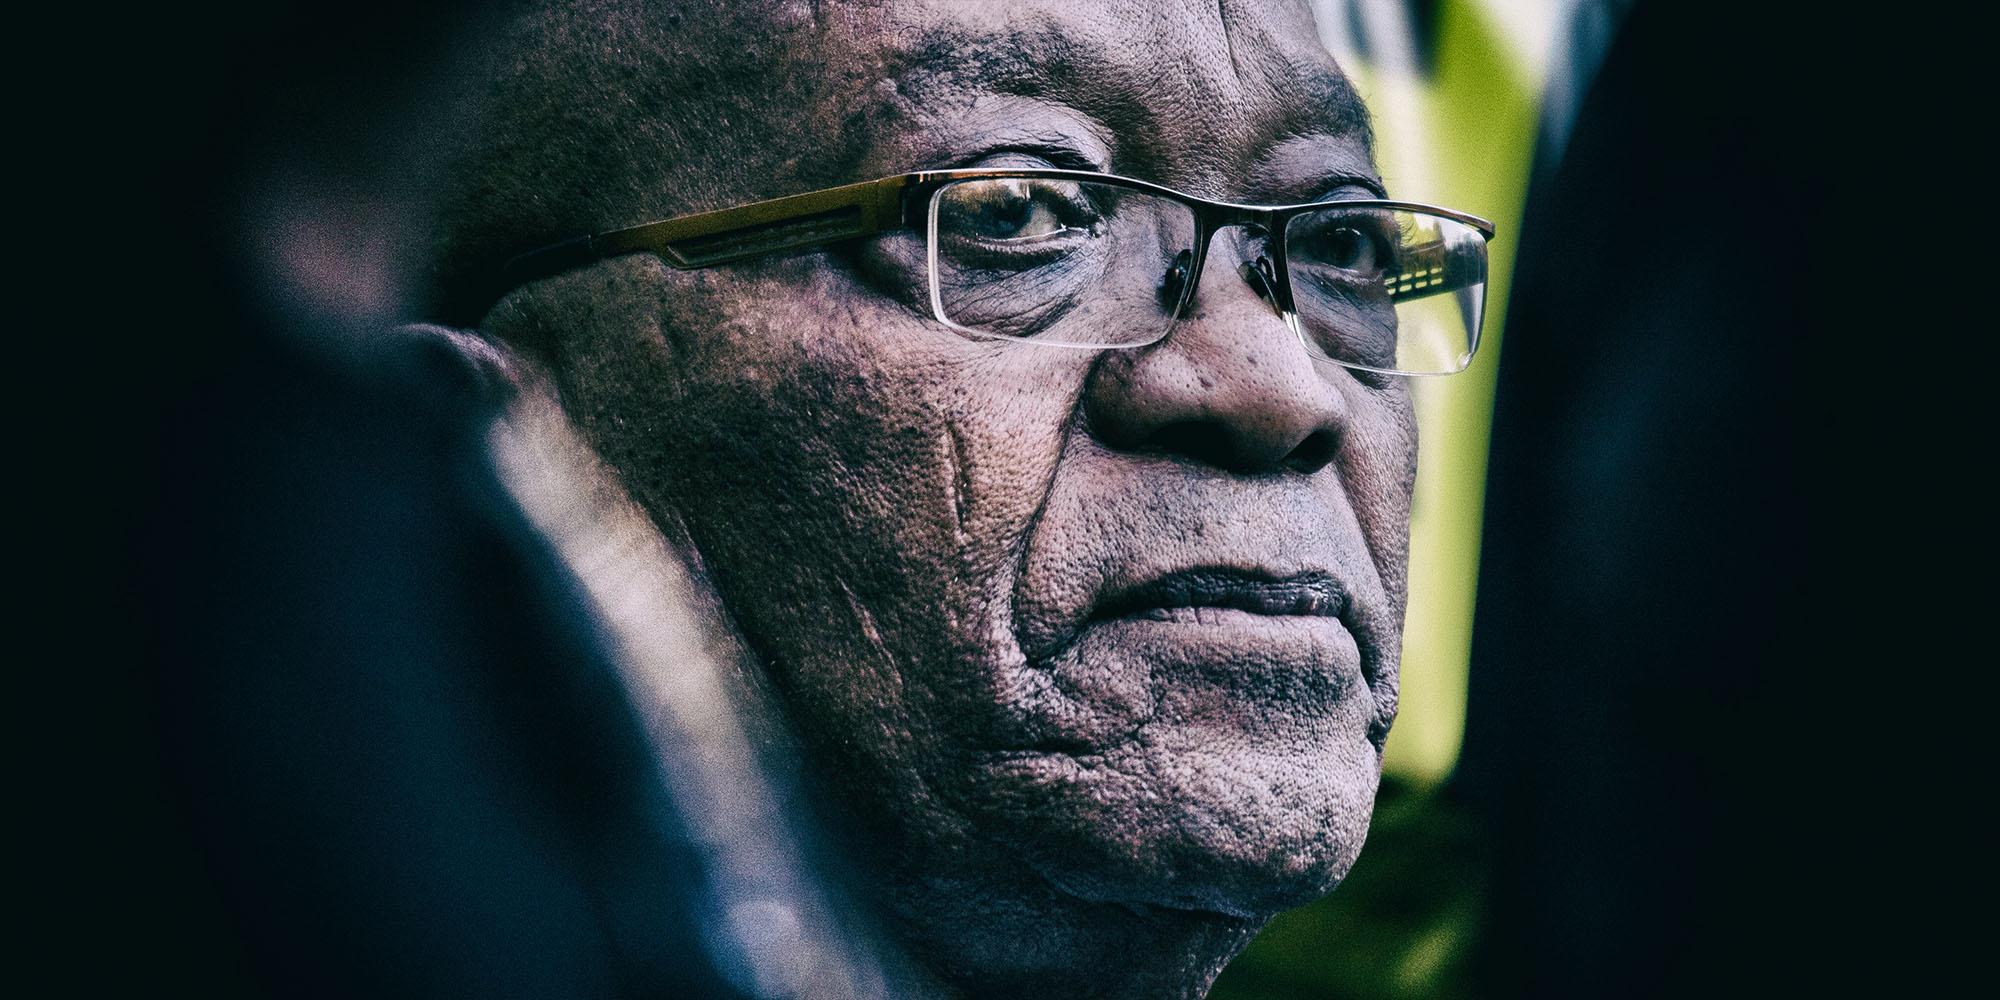 Jacob Gedleyihlekisa Zuma, Suicide-Bomber-in-Chief